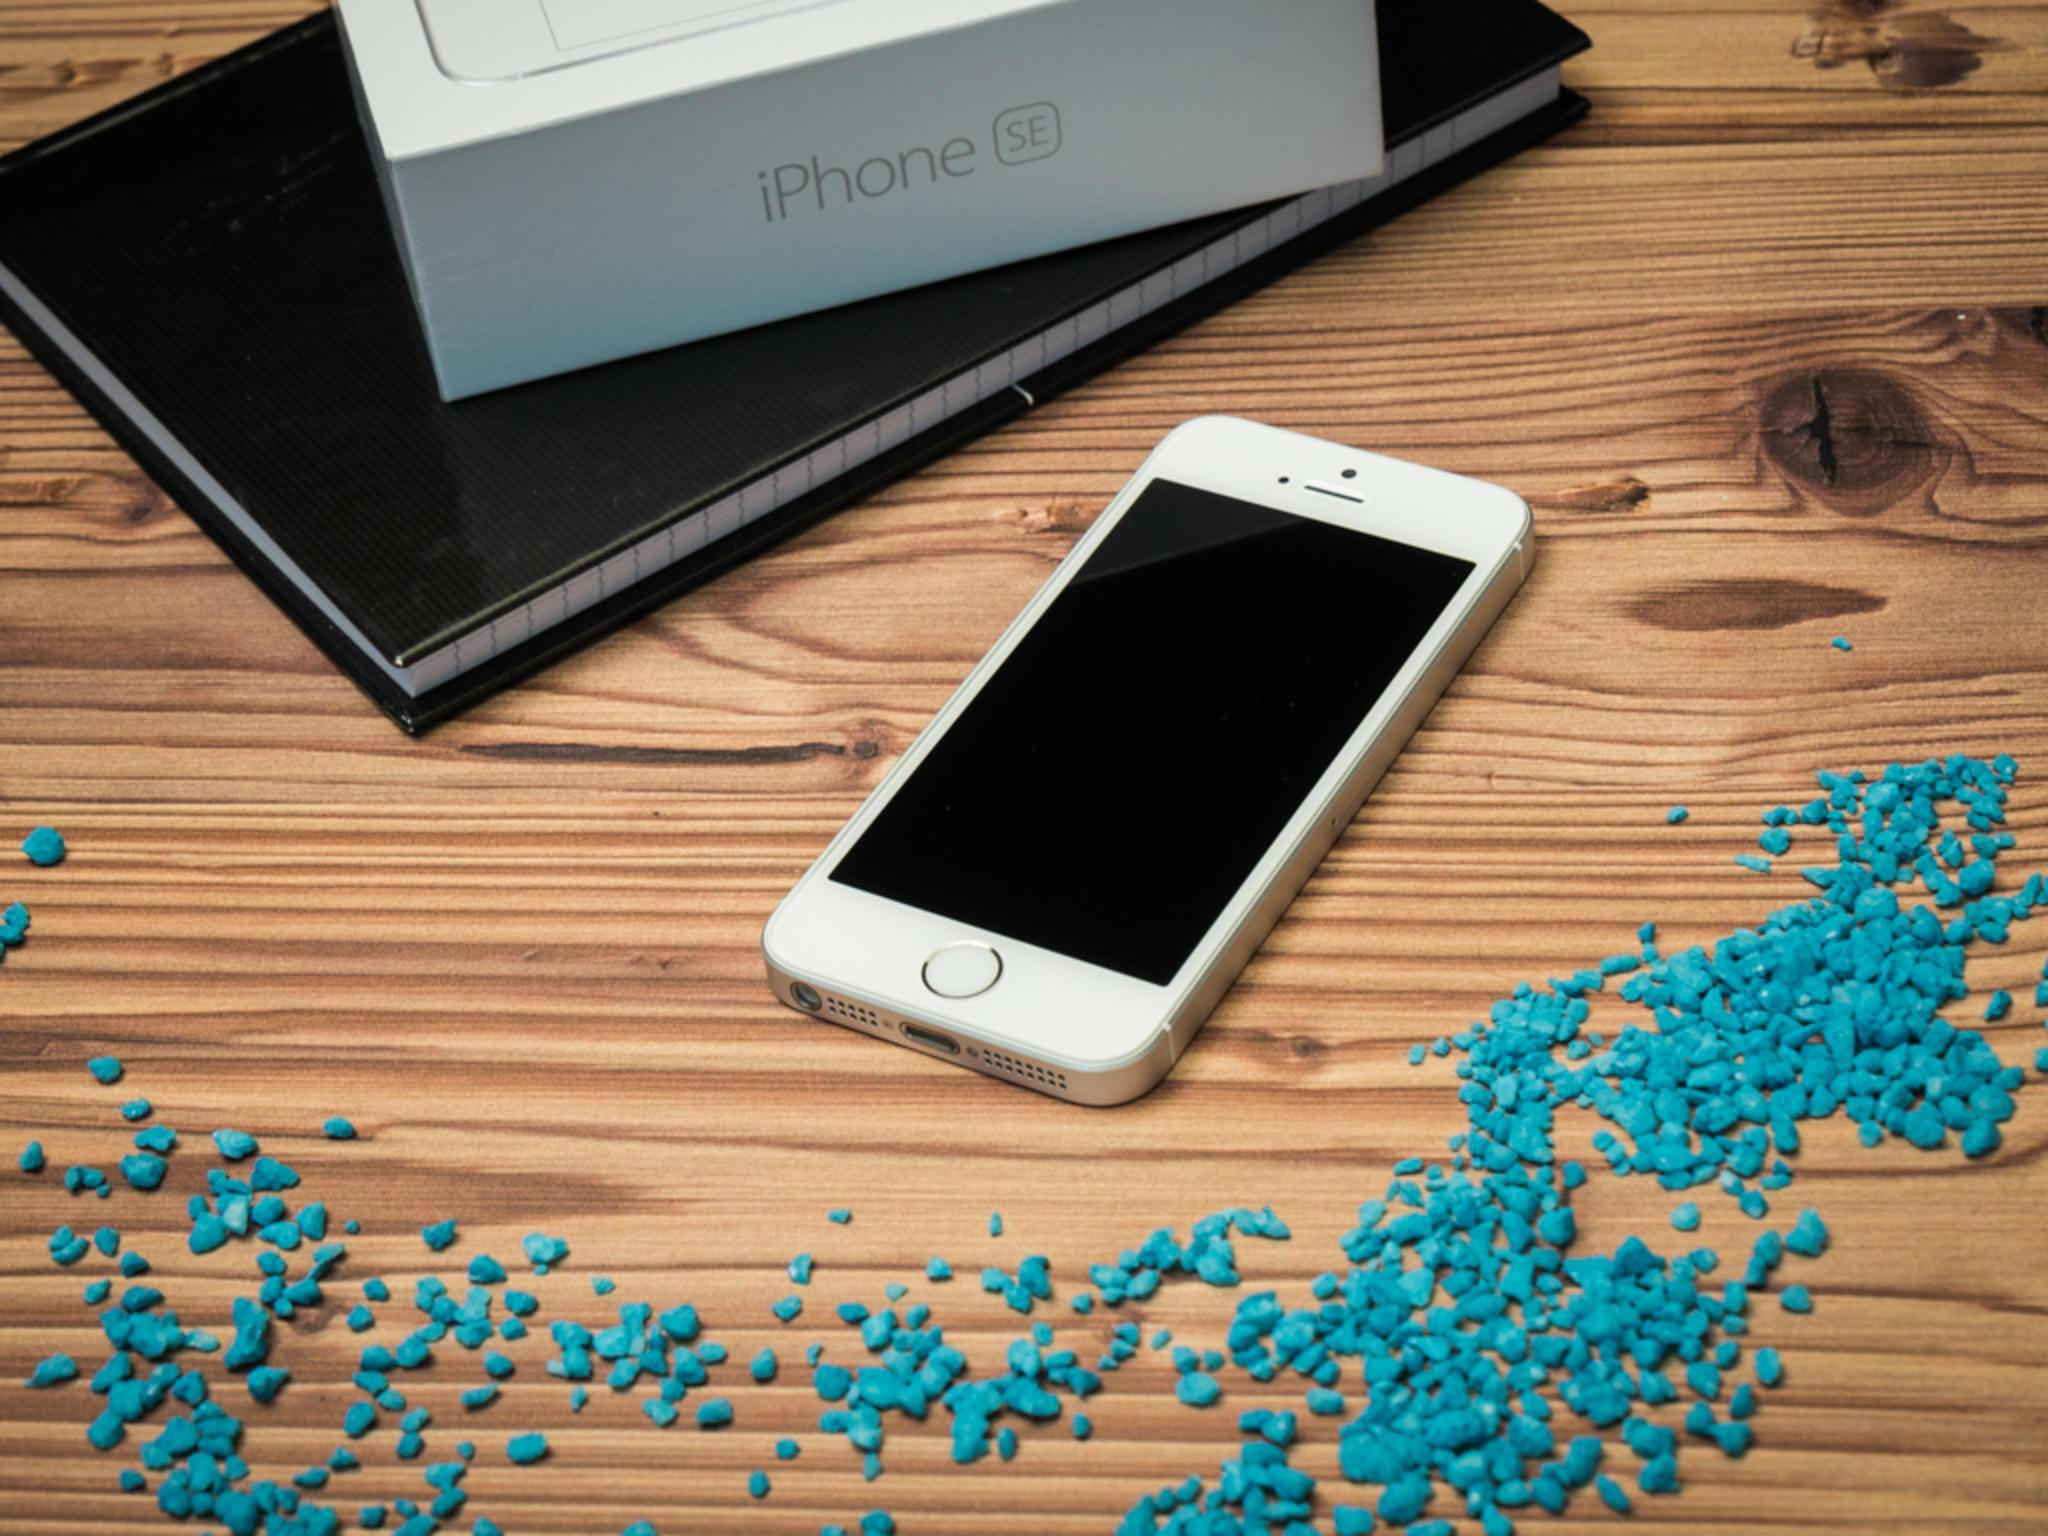 Der Arbeitsspeicher beträgt wie beim iPhone 6s 2 GB.